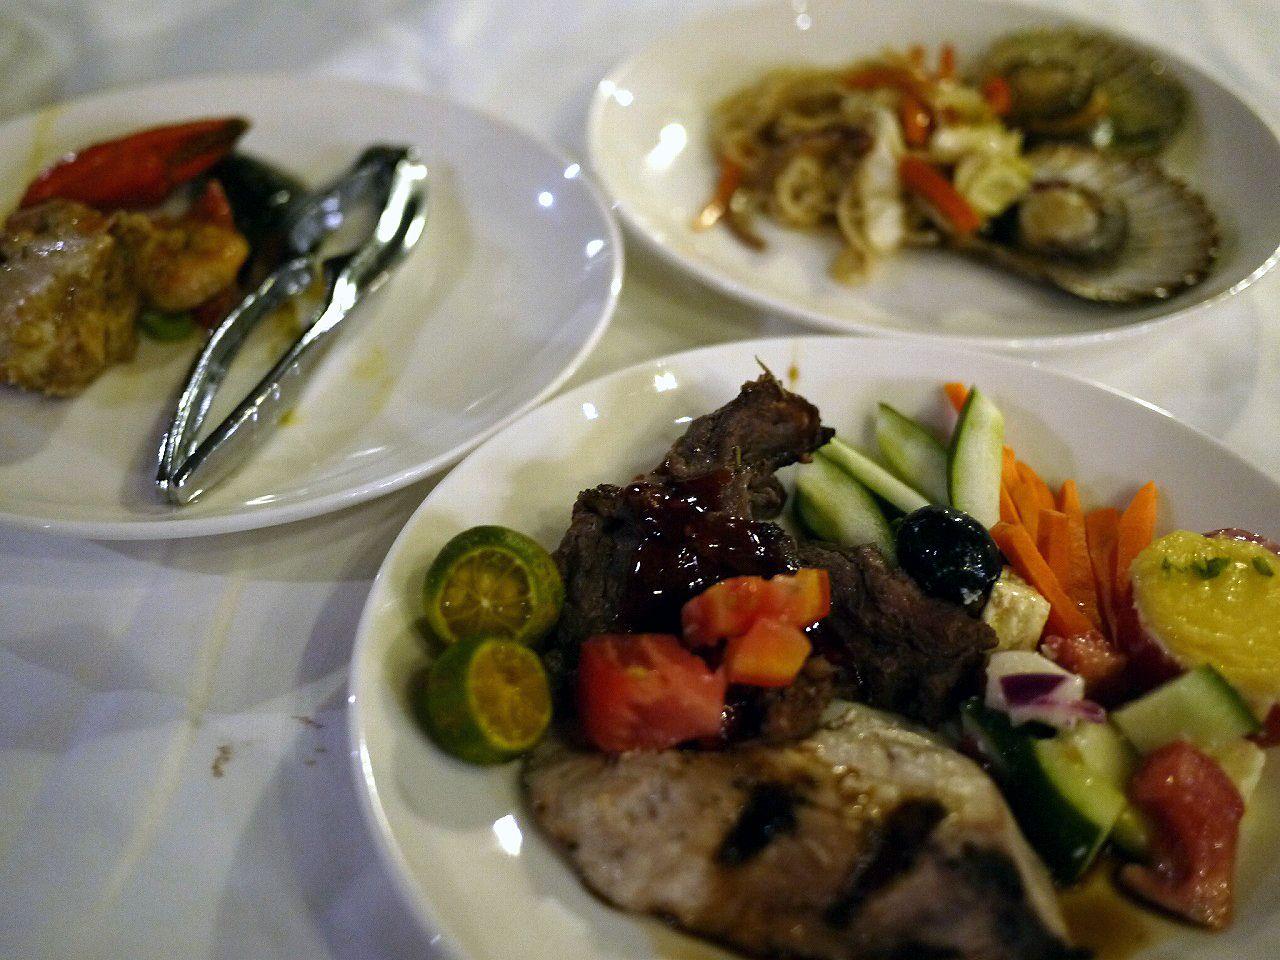 ブッフェスタイルの食事でフィリピンを味わおう!